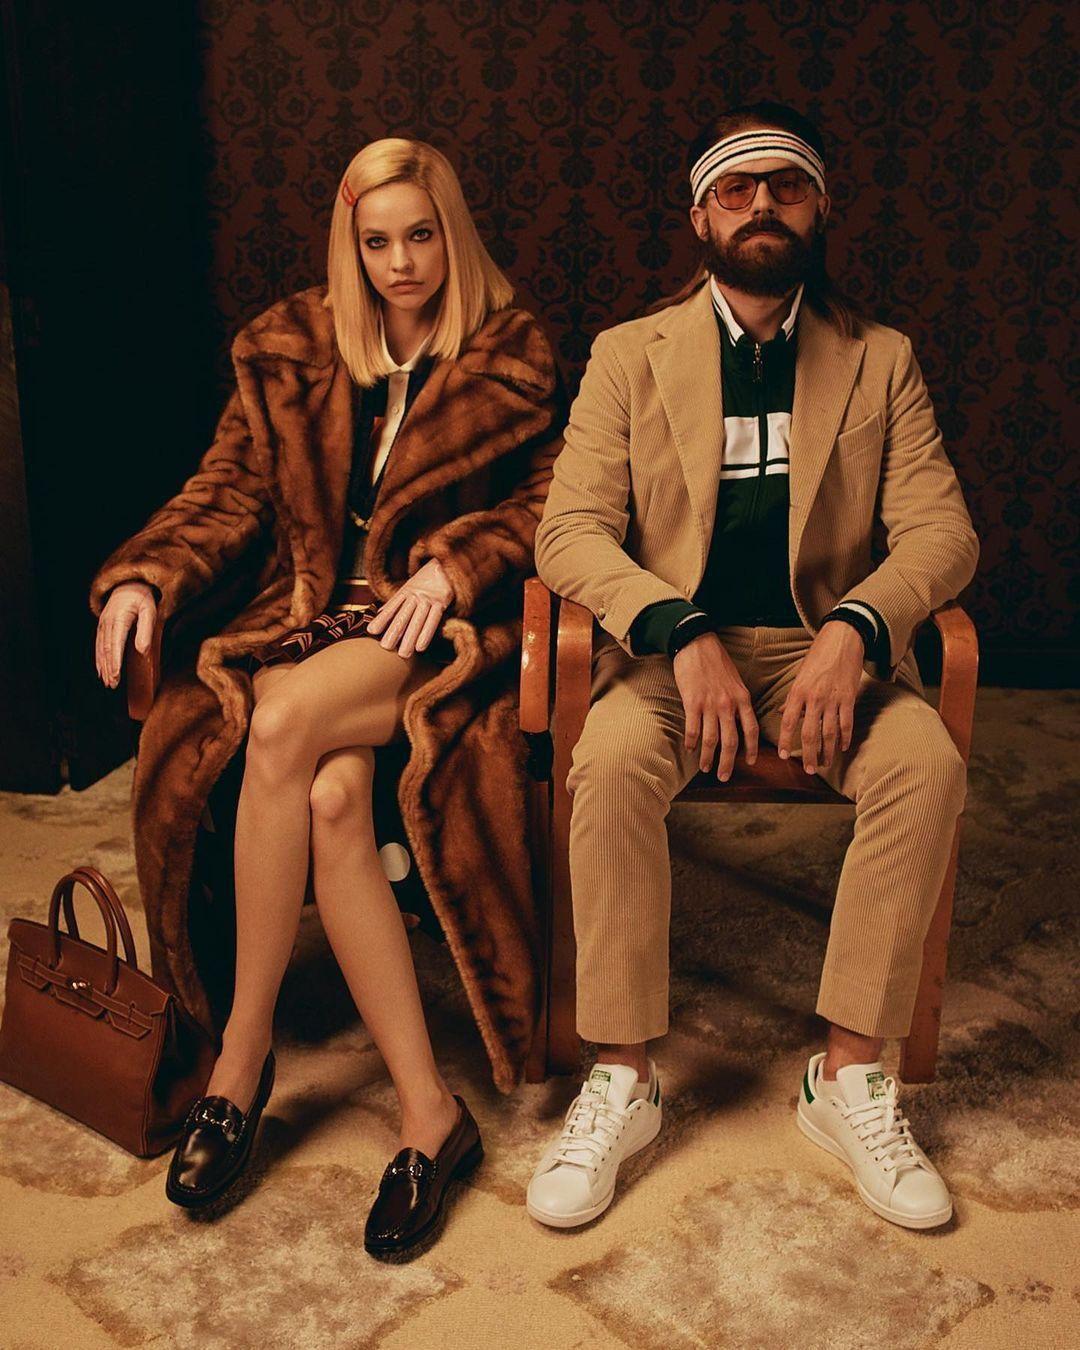 Palvin Barbara és Dylan Sprouse a Tenenbaum, a házi átok című Wes Anderson-film szereplői bőrébe bújva a Vanity Fair videójában.